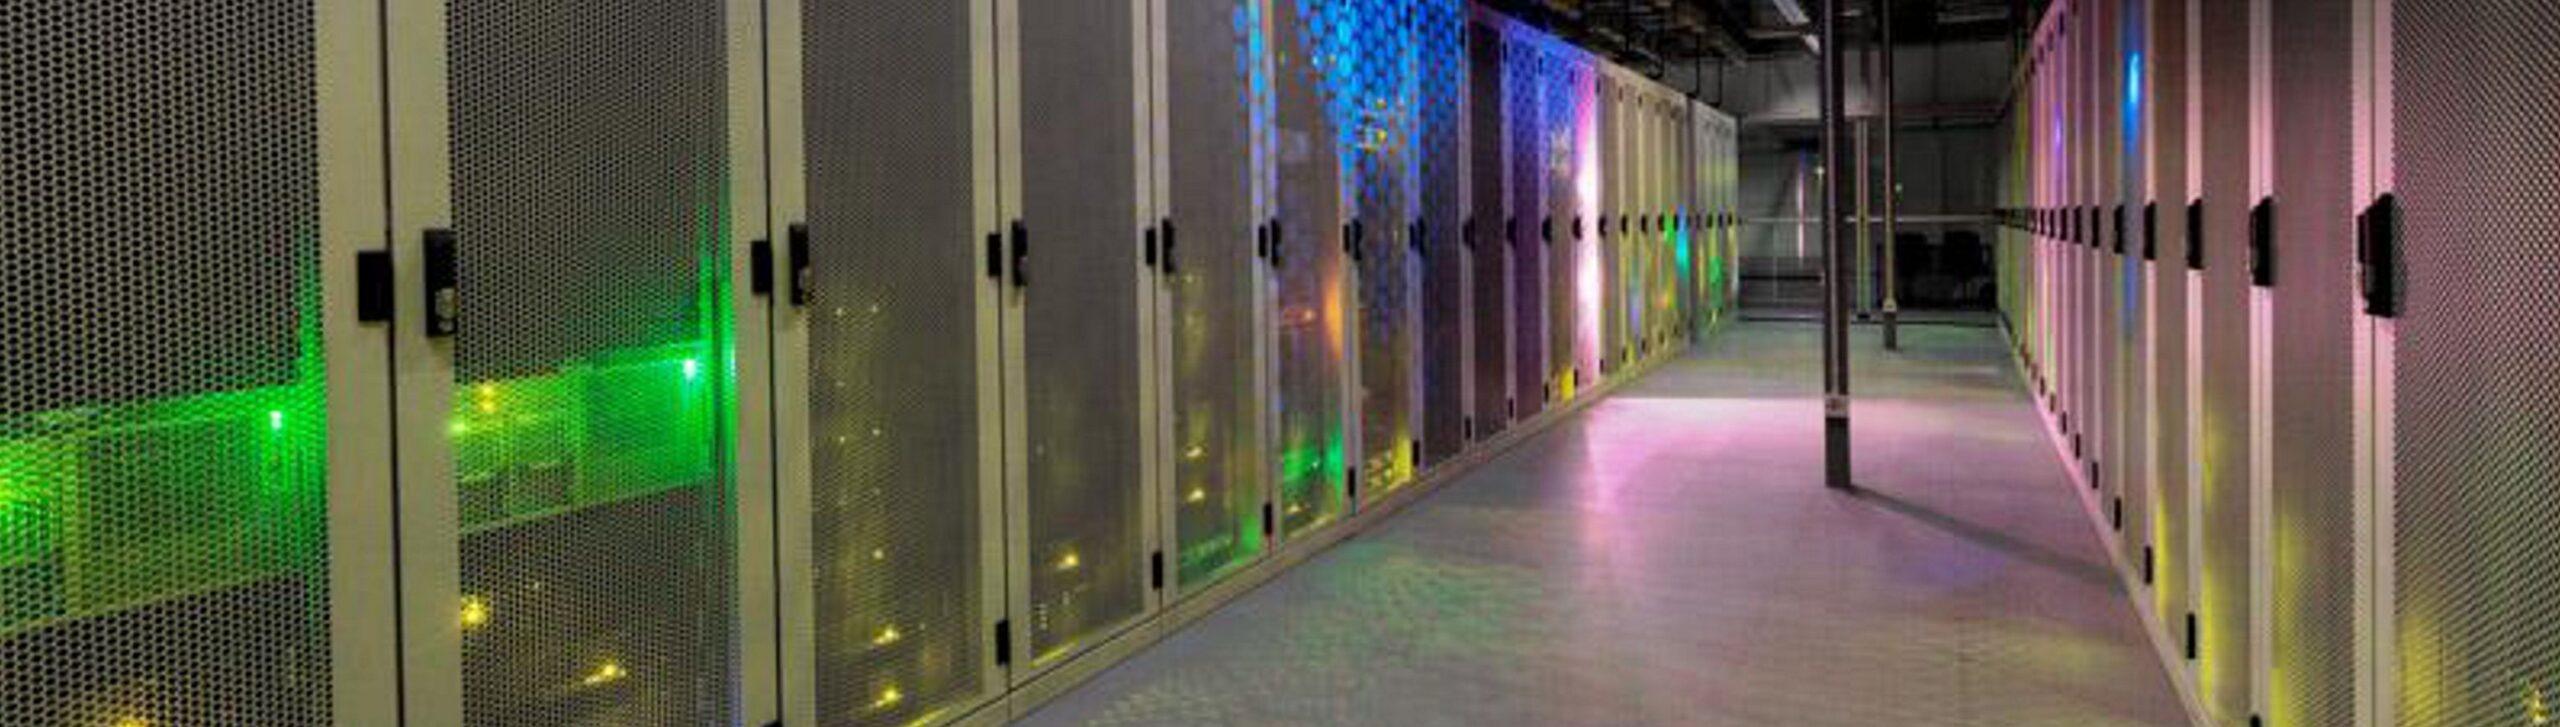 86% energiebesparing bij datacenter Schuberg Philis!